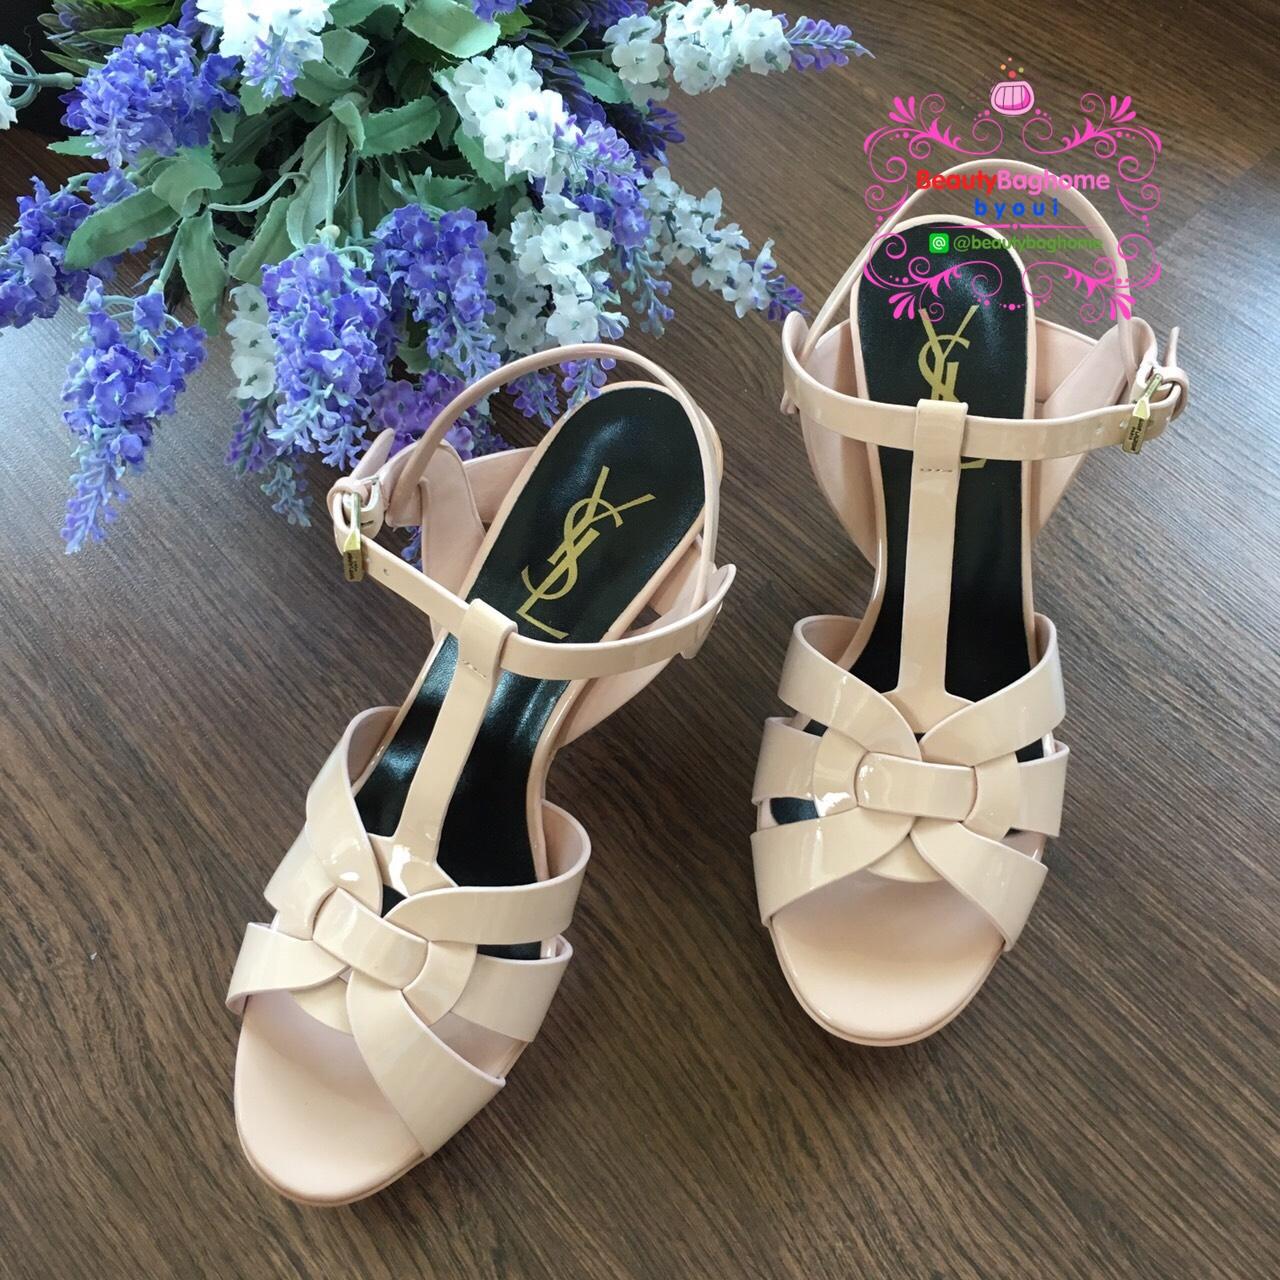 Yves Saint Laurent Tribute Sandal shoes สีชมพู Hiend 1:1